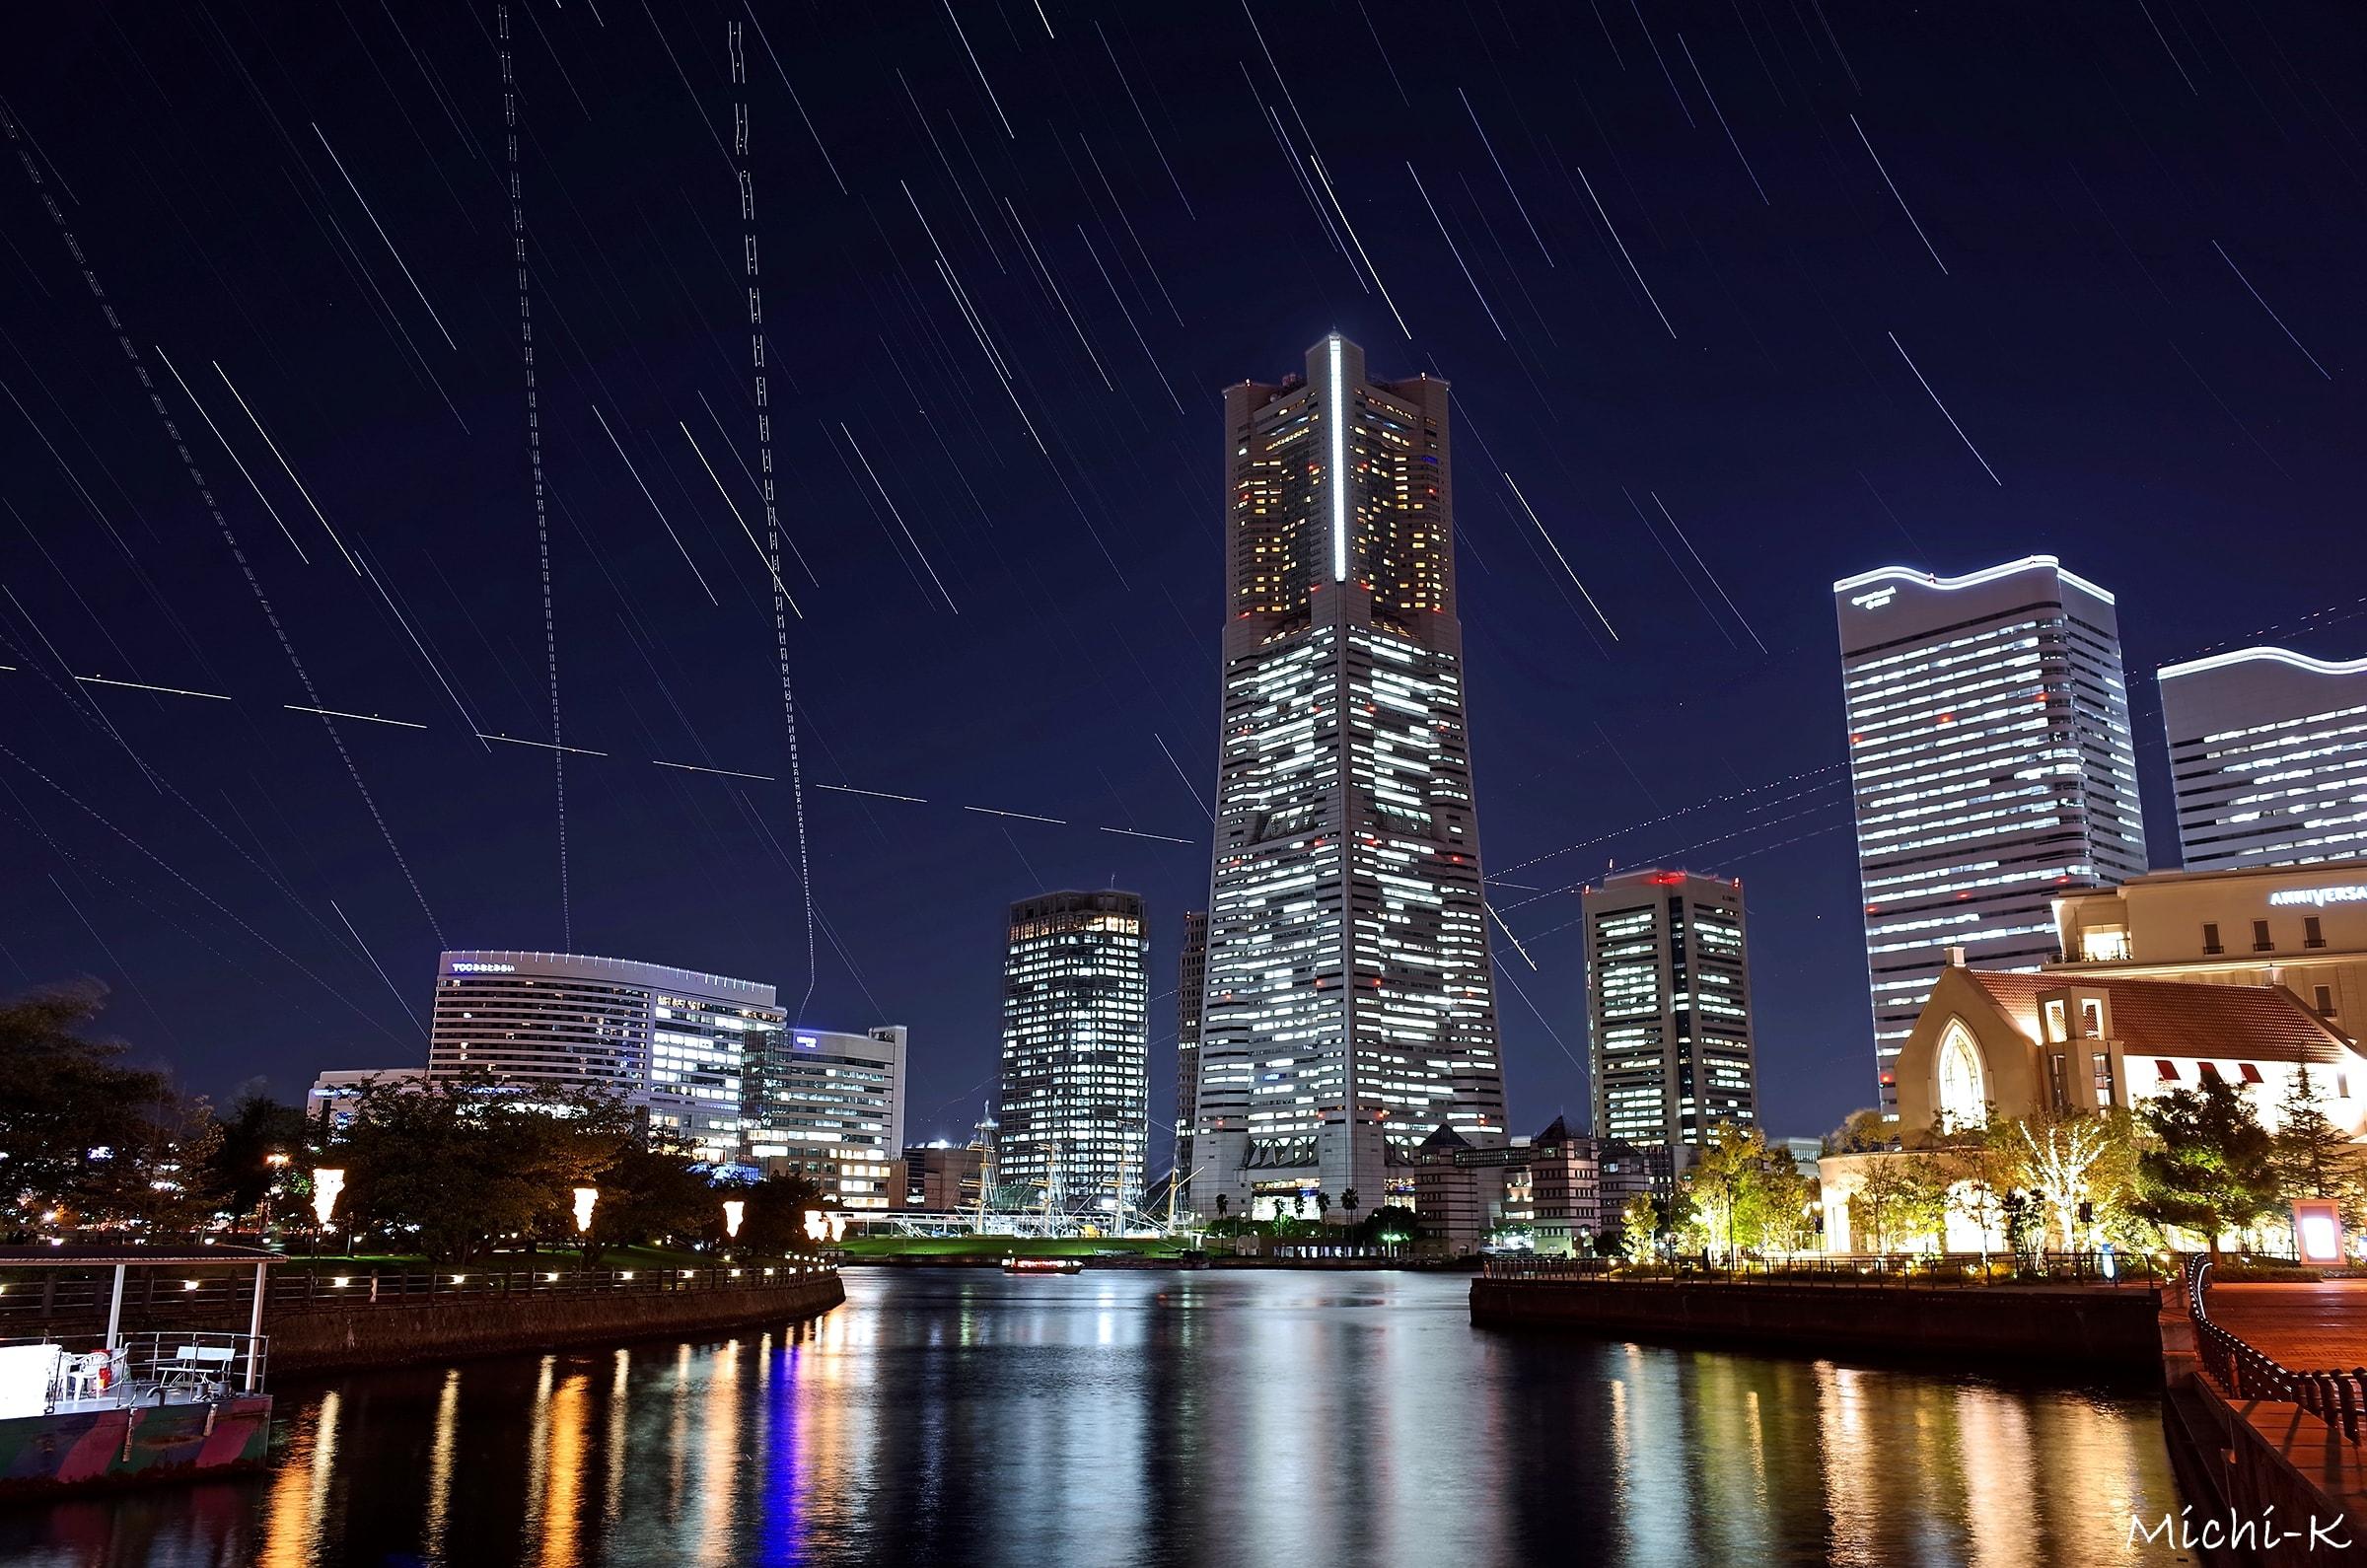 横浜ランドマークタワーの夜景